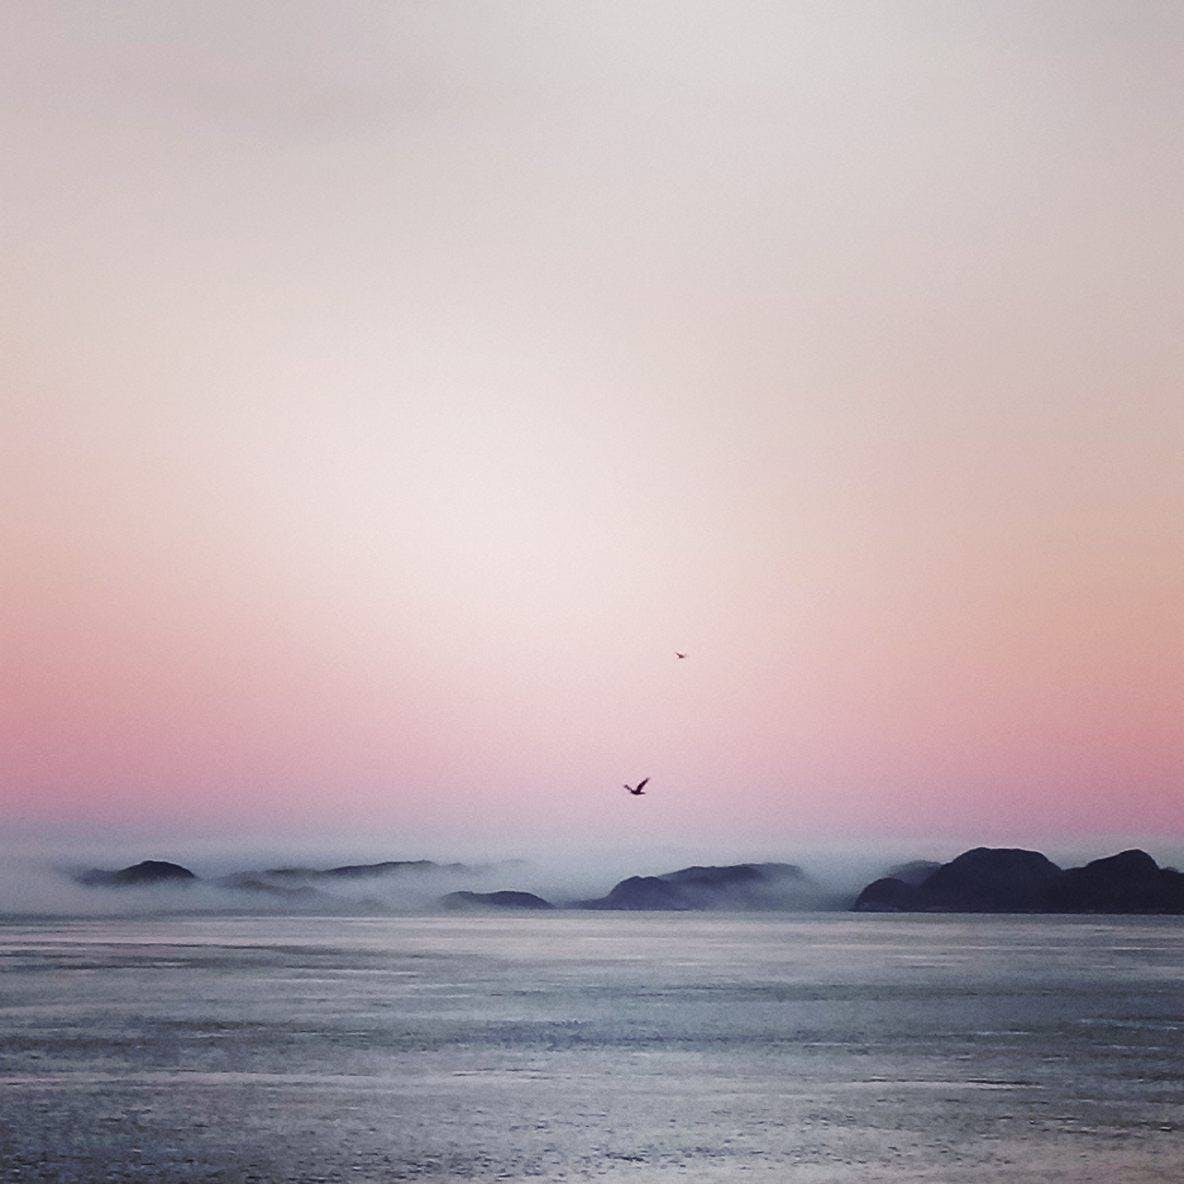 Blushing morning sky in Nuuk